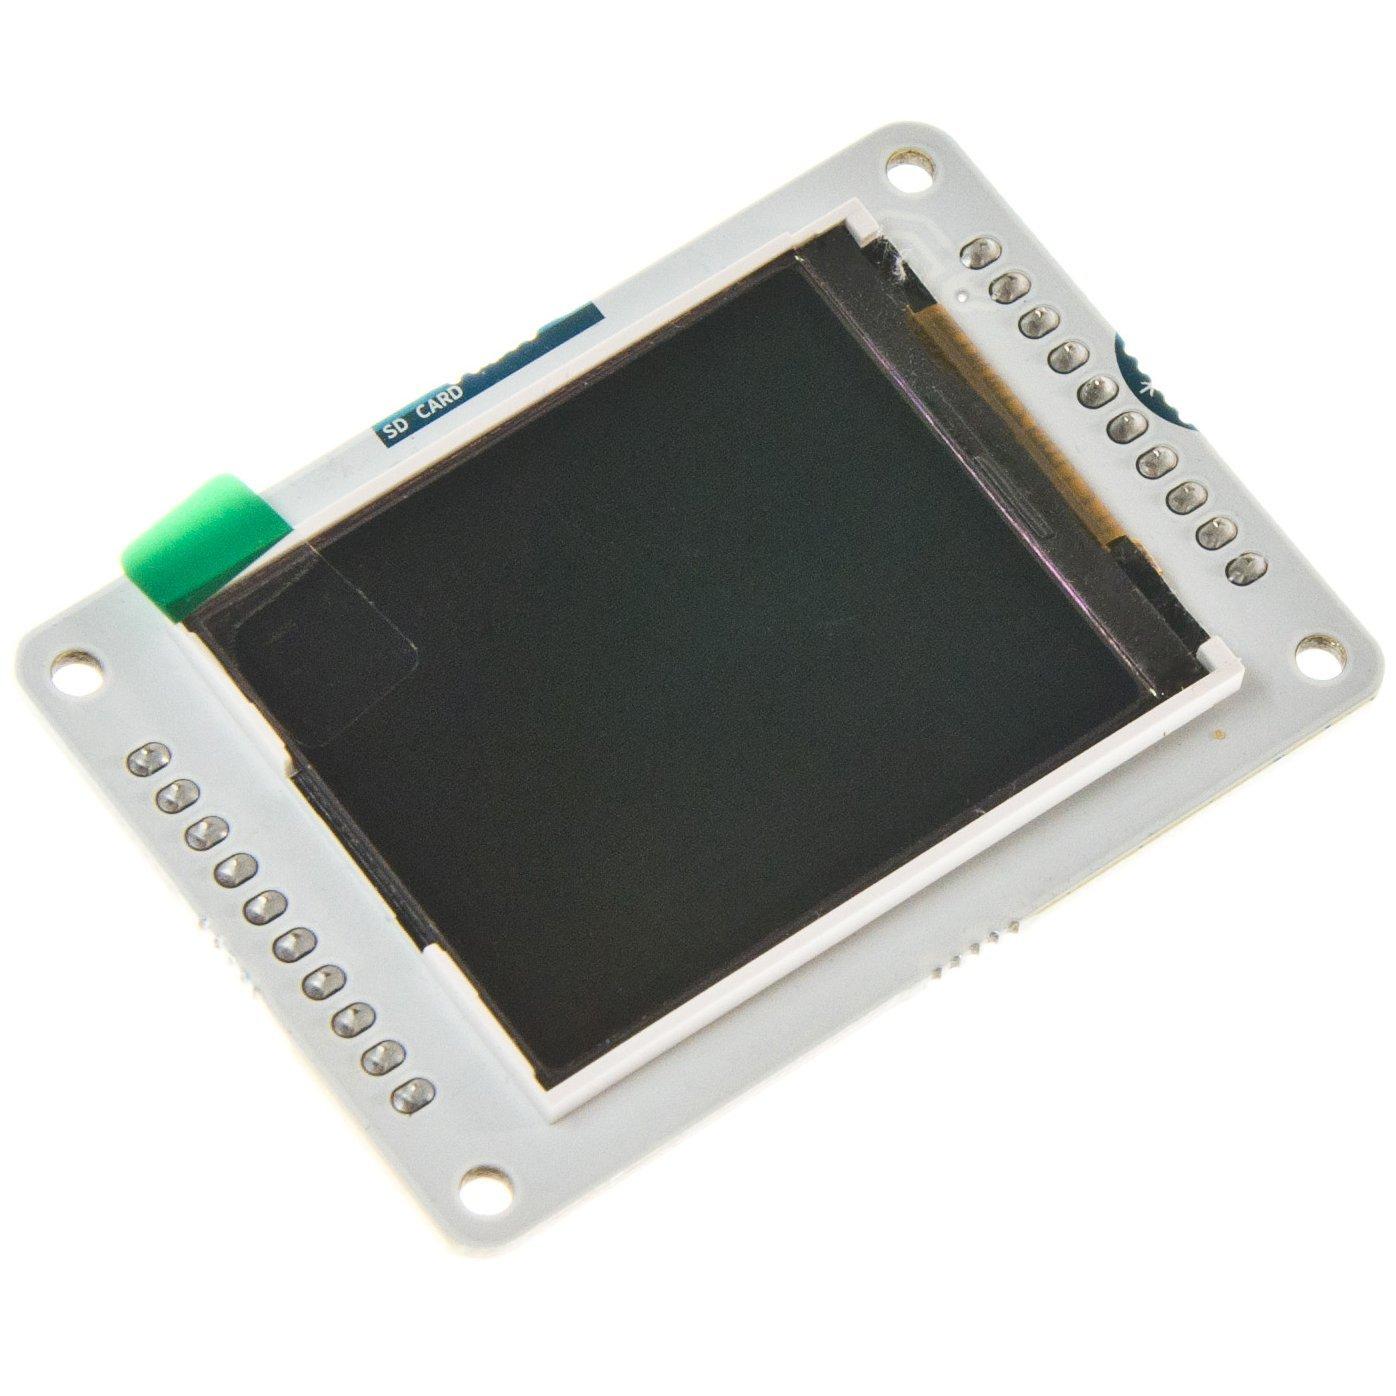 Buy Angelelec DIY Open Source TFT Display, Arduino 1 77 Inch TFT